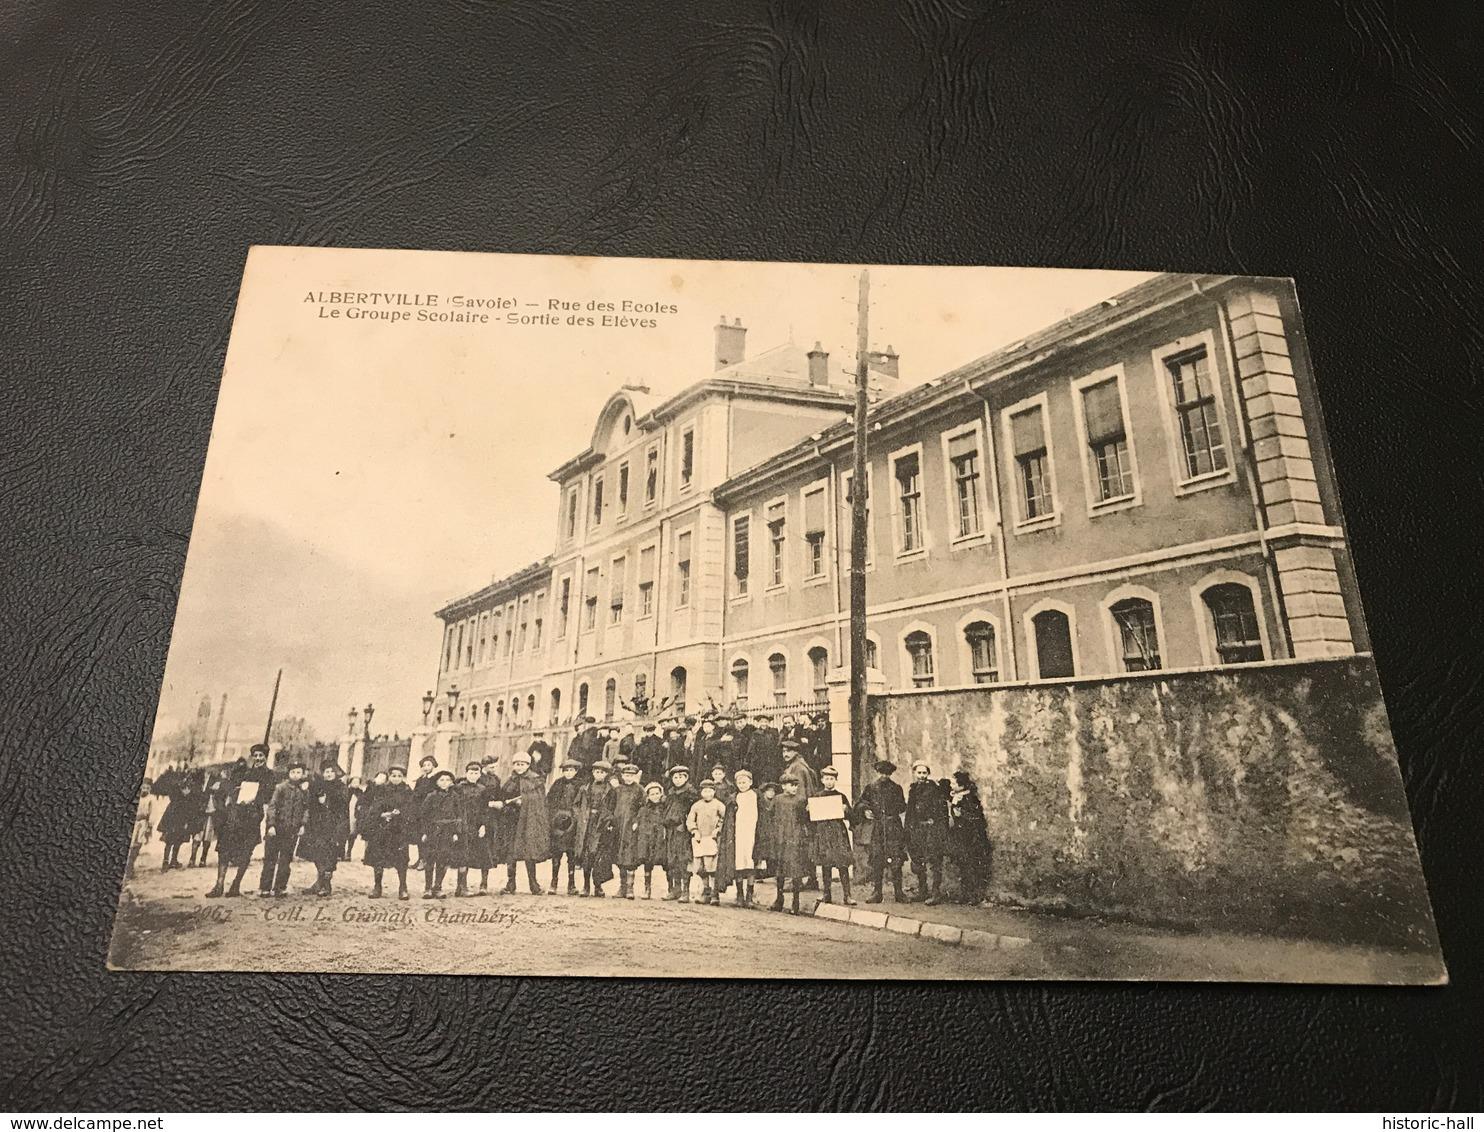 ALBERTVILLE Rue Des Ecoles Le Groupe Scolaire - Sortie Des Eleves - Albertville